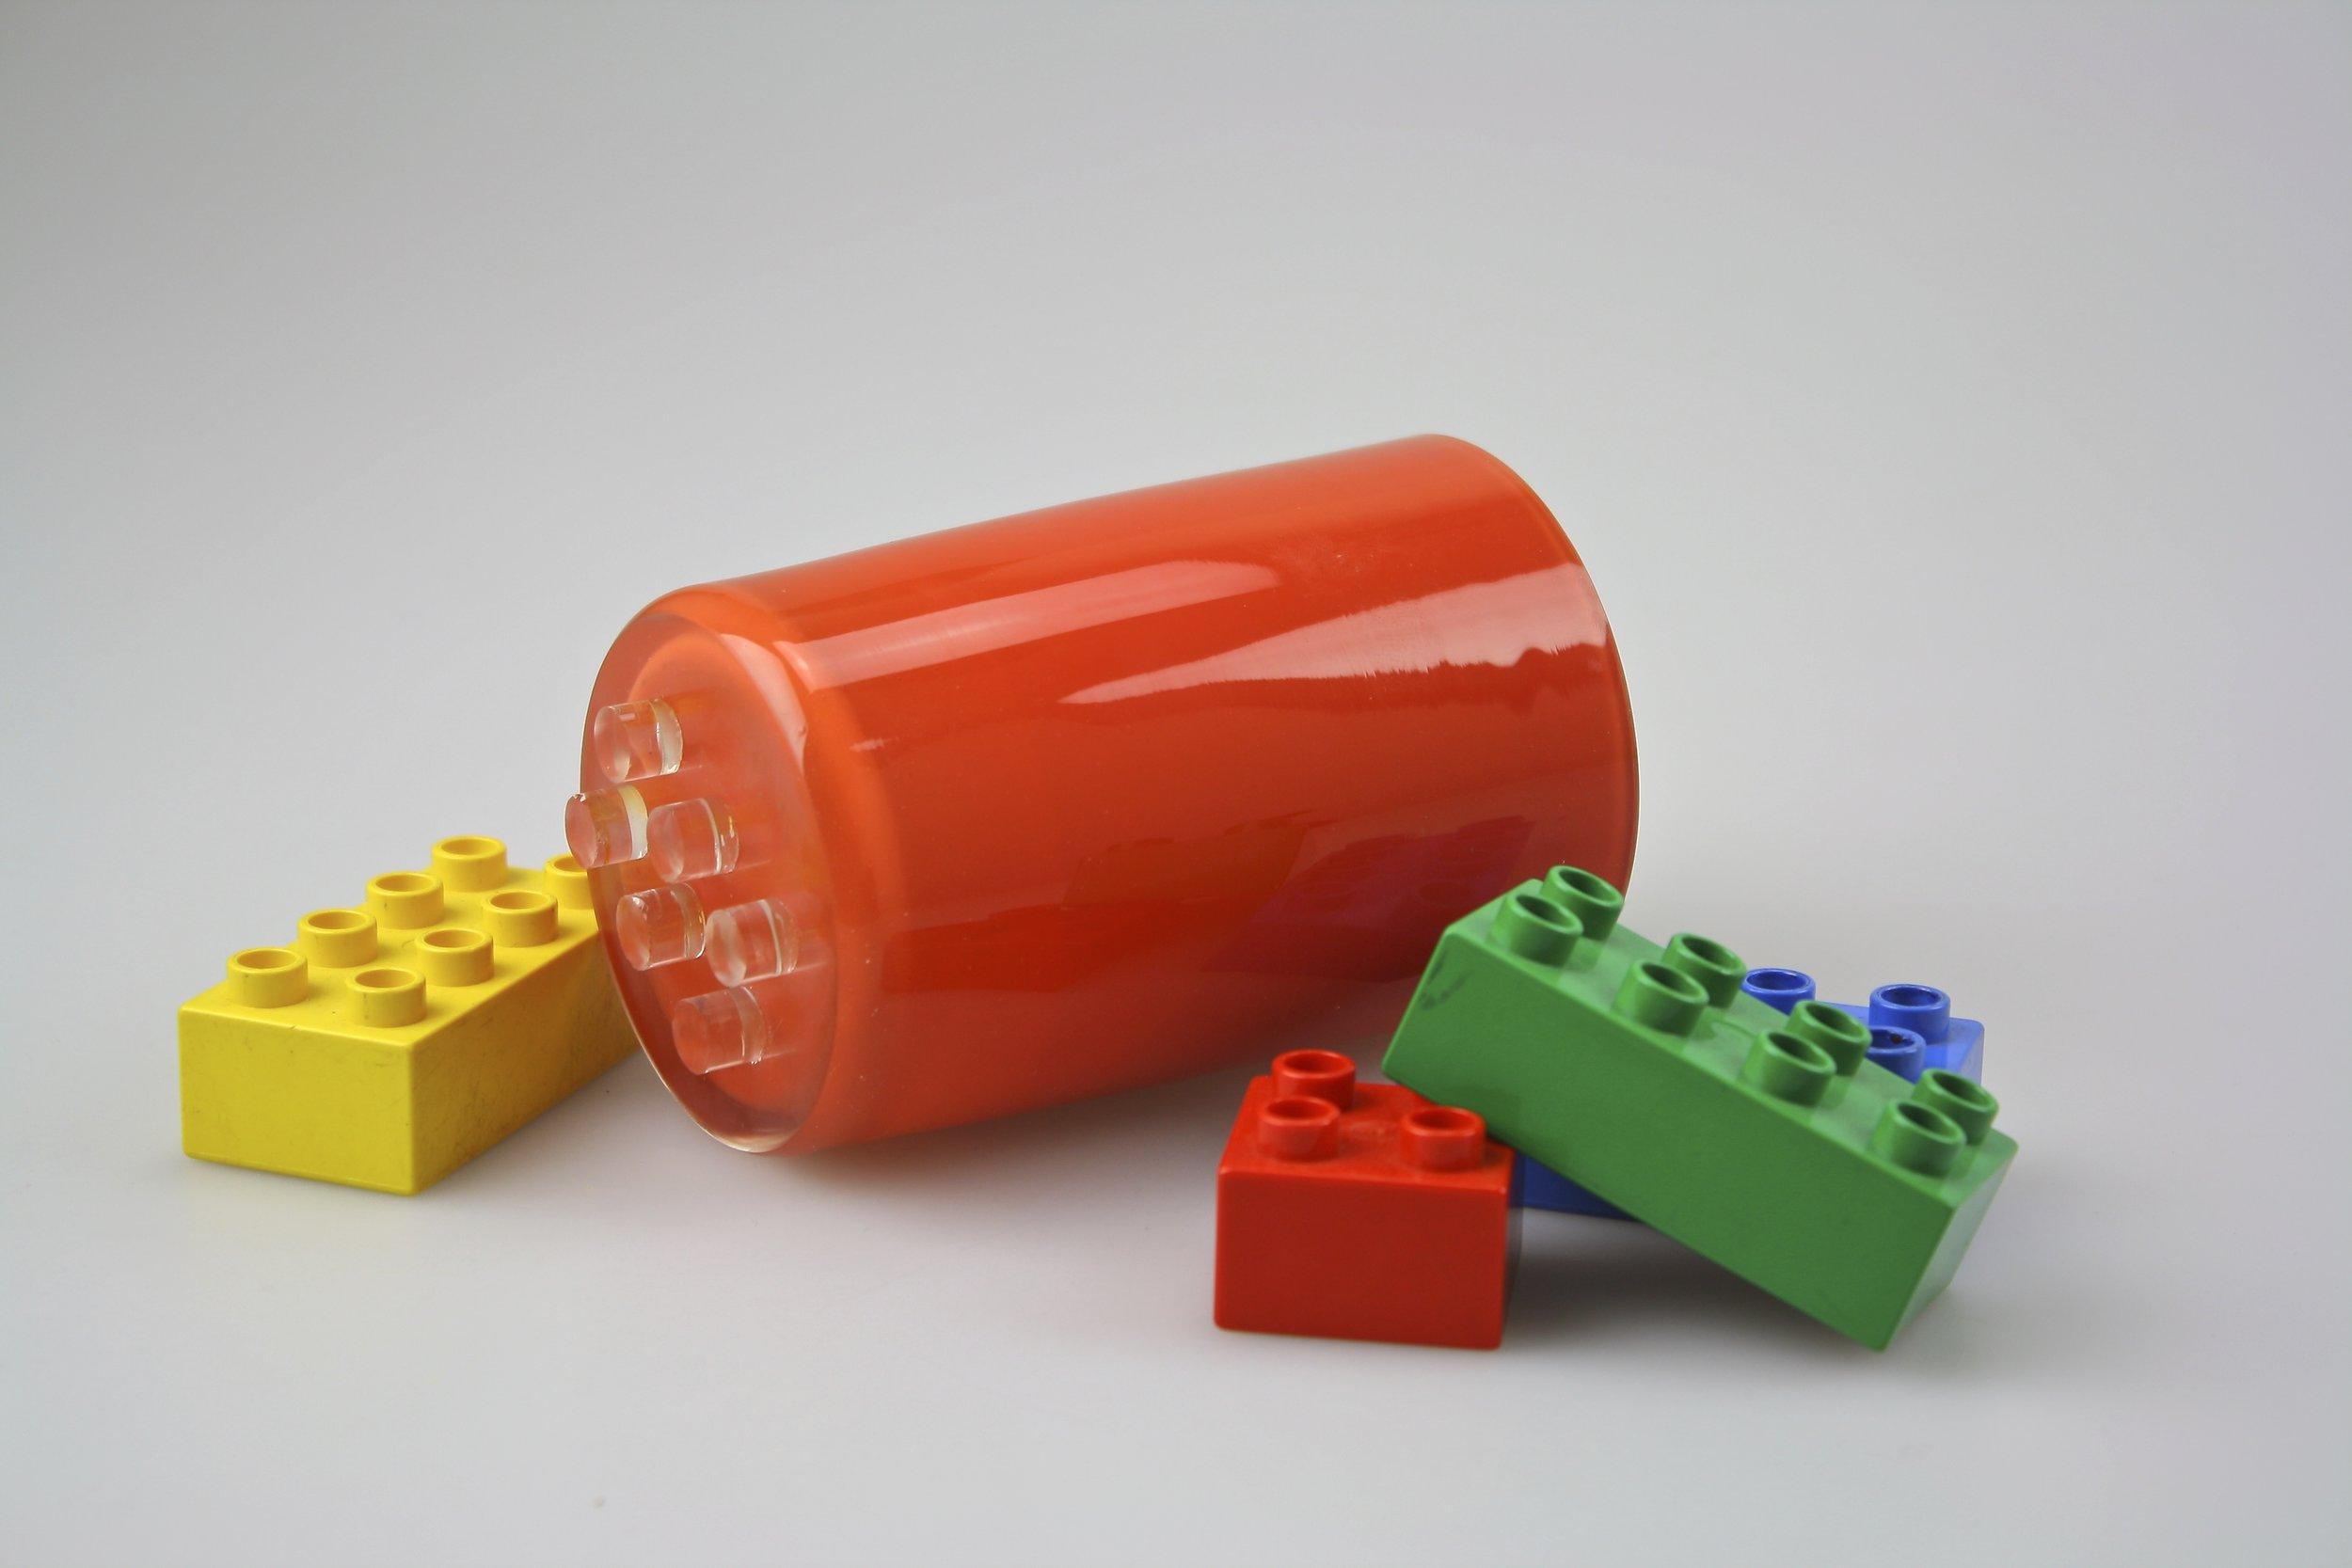 Lego Detail, 2014